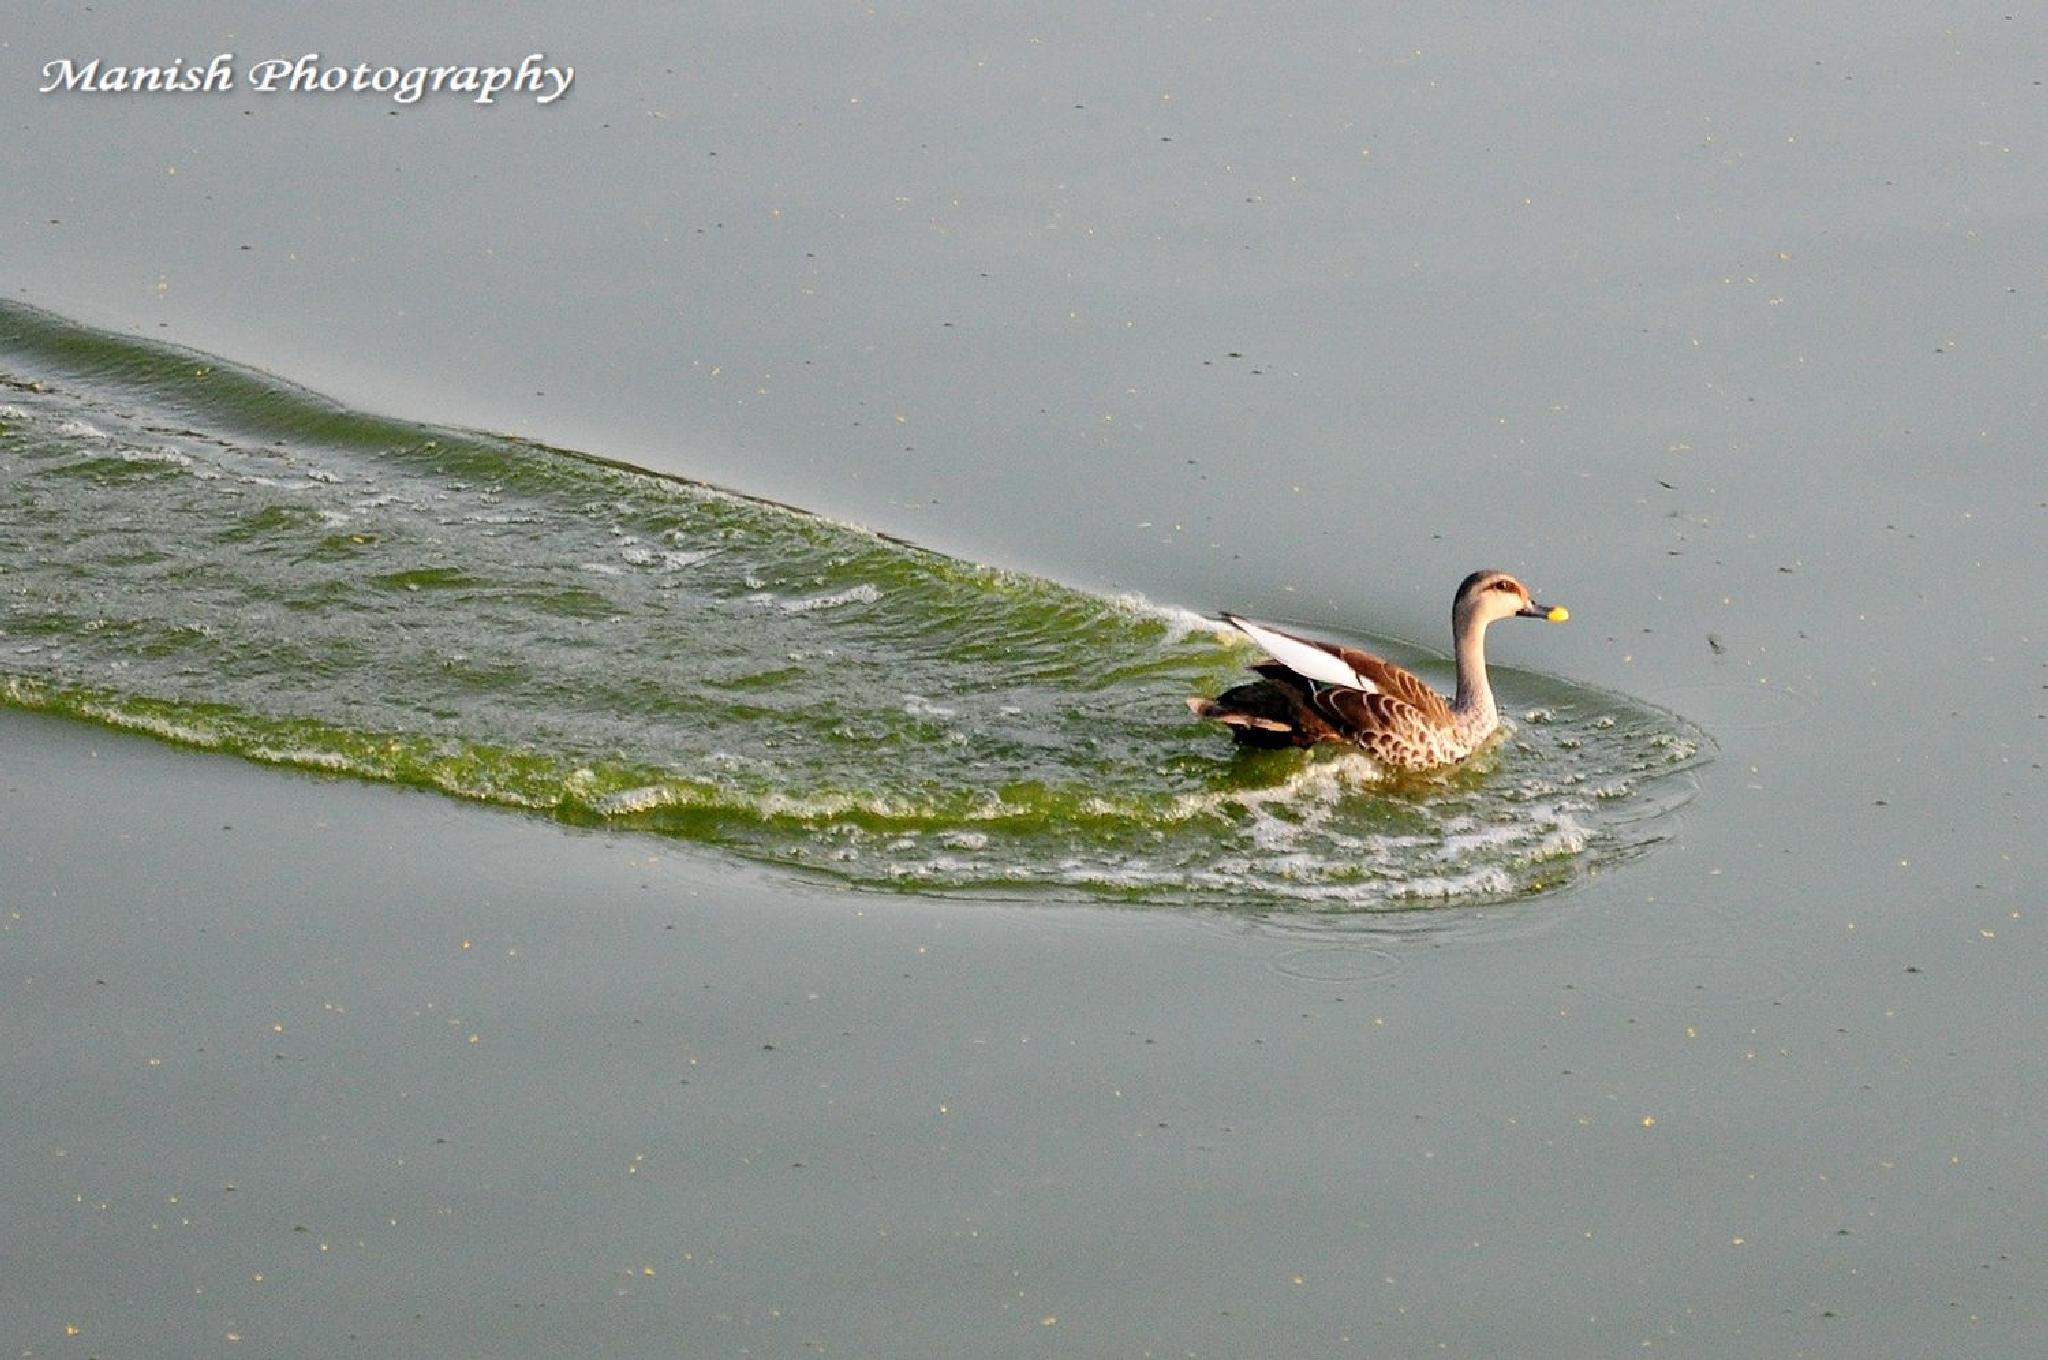 Spot Billed Duck using emergency break by Maneesh Sharma